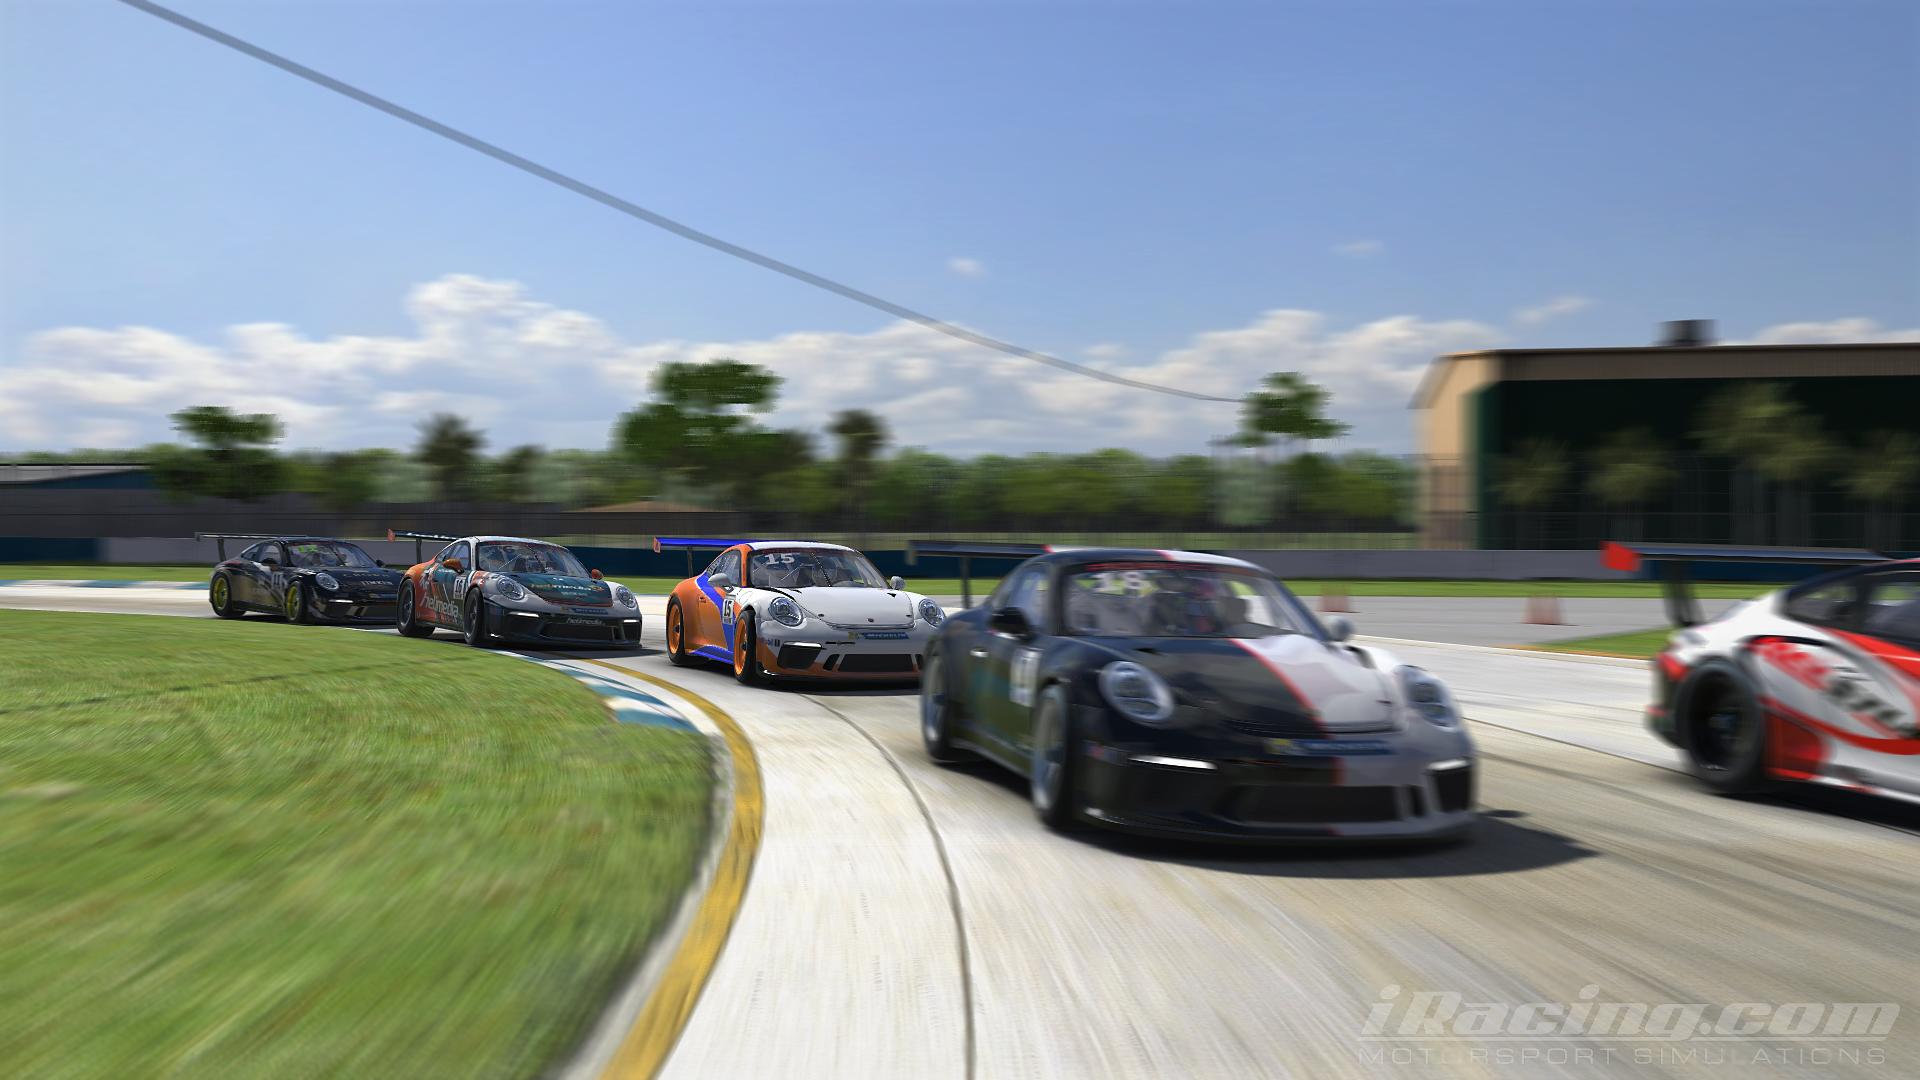 Porsche Cup - Sebring 30.11.2018.png